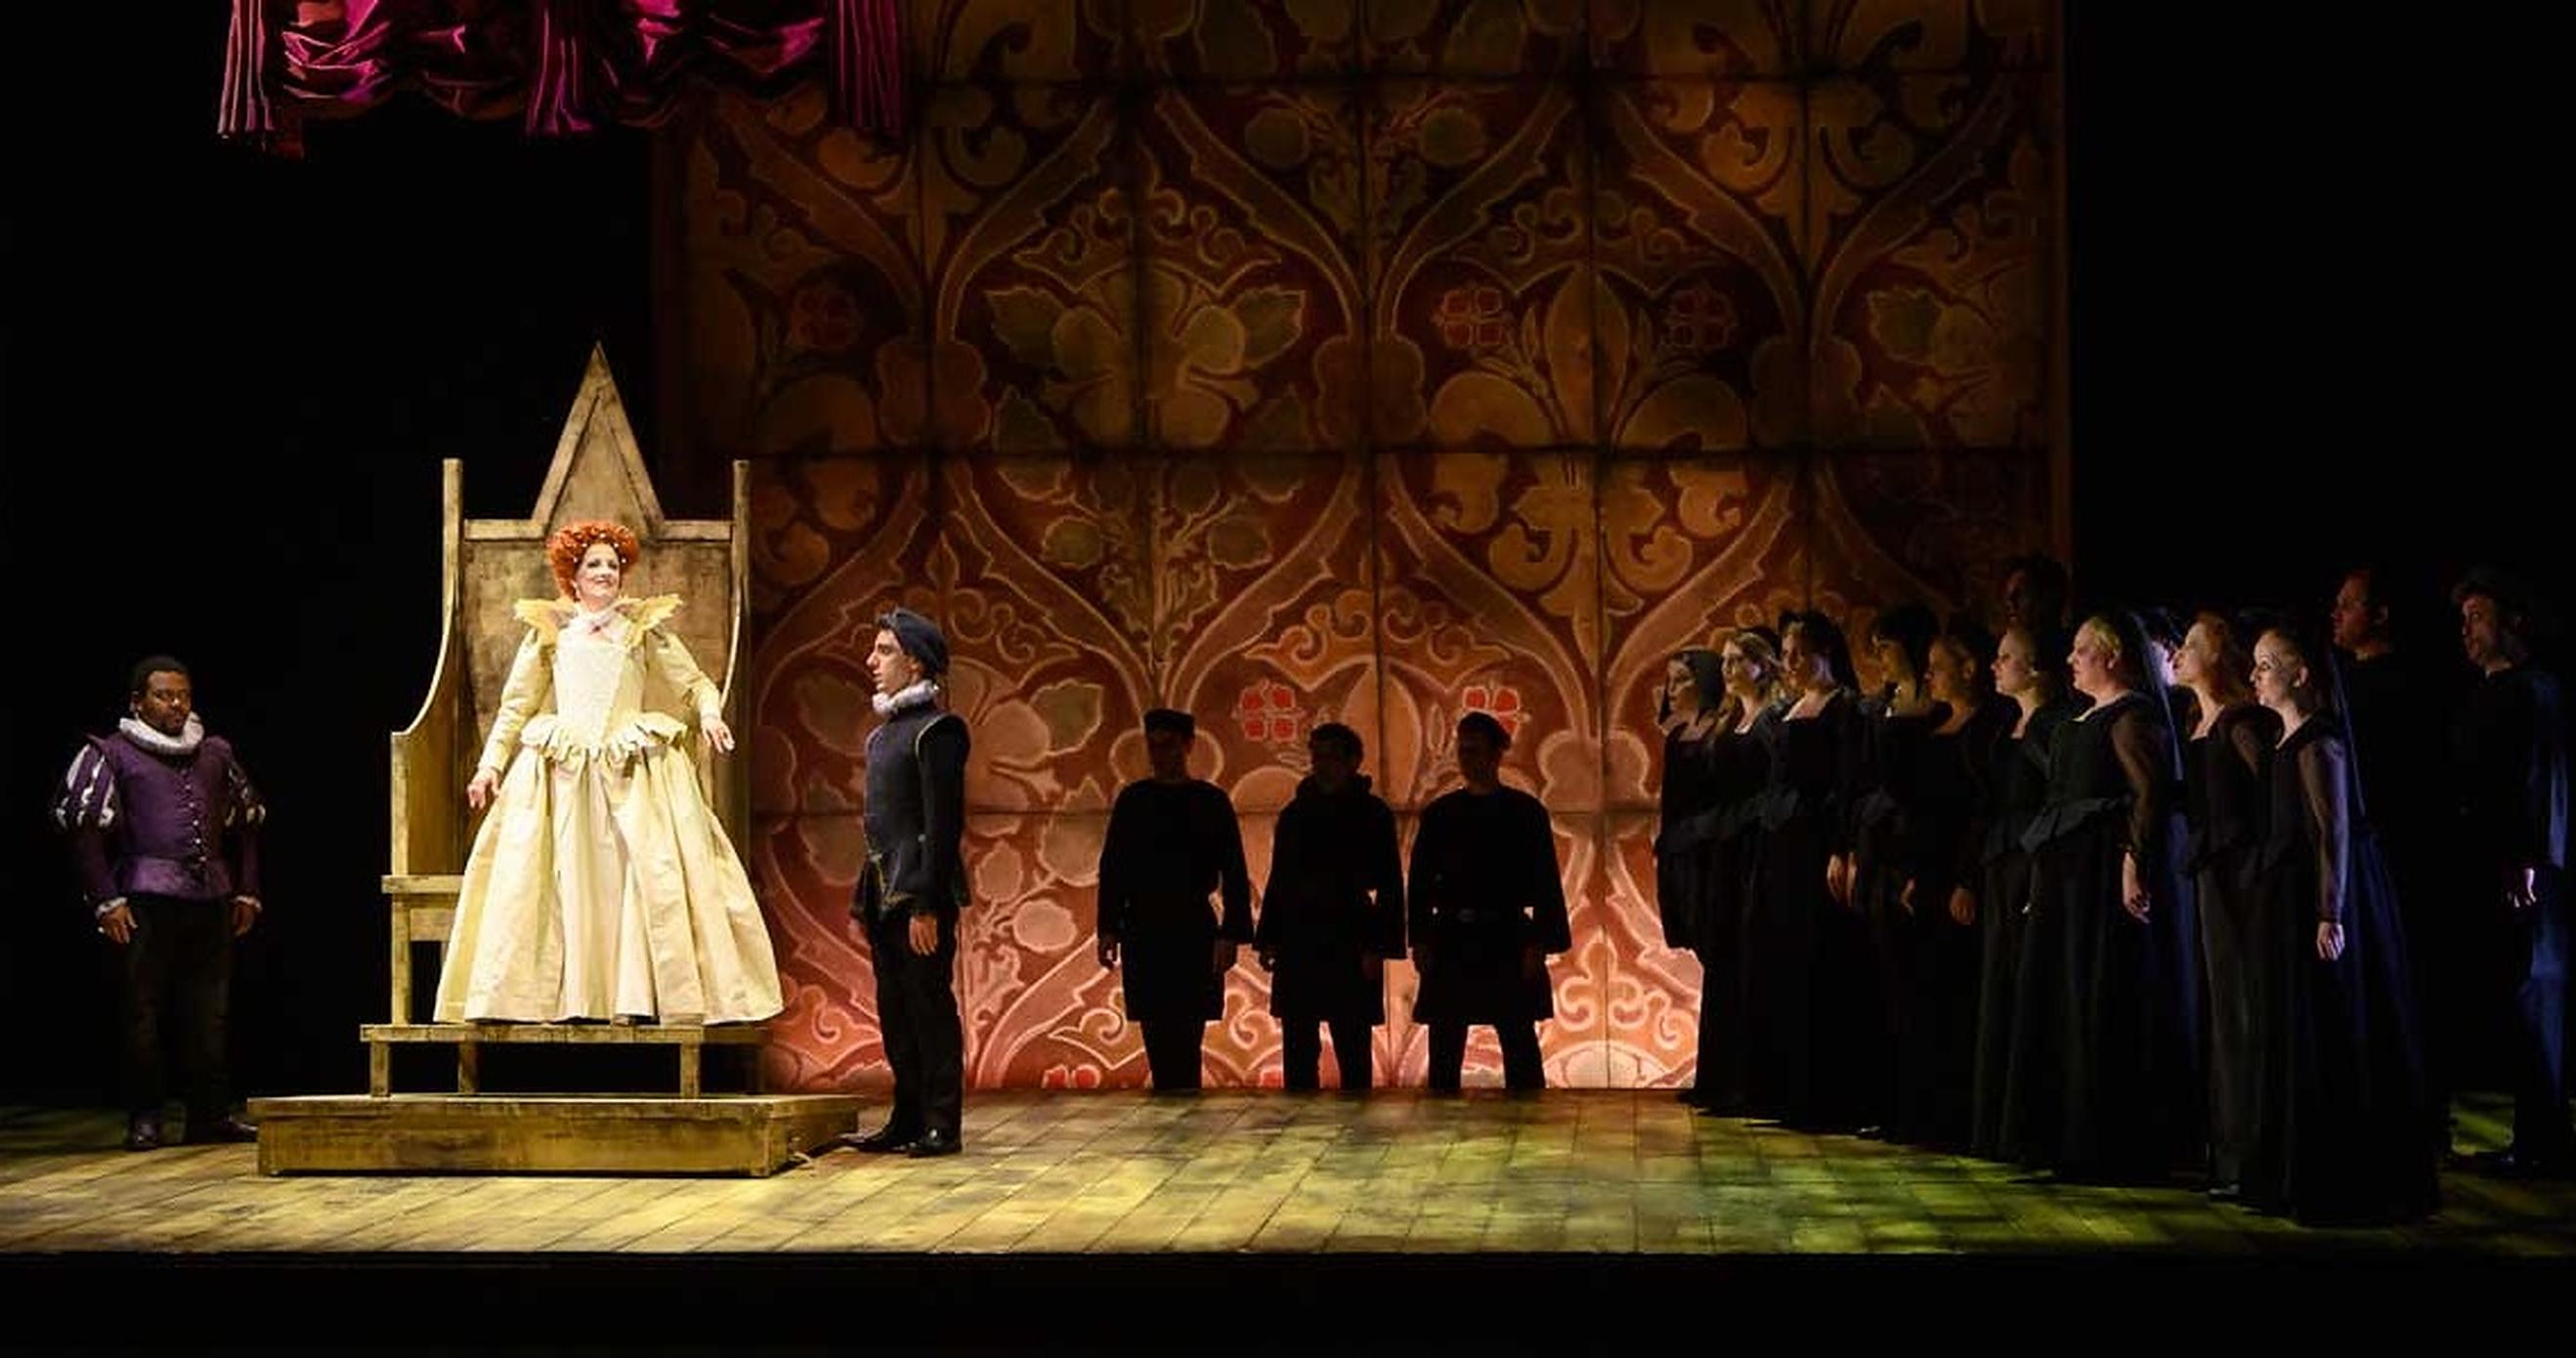 English Touring Opera concediază 14 muzicieni pentru că sunt albi și nu reprezintă diversitatea culturală